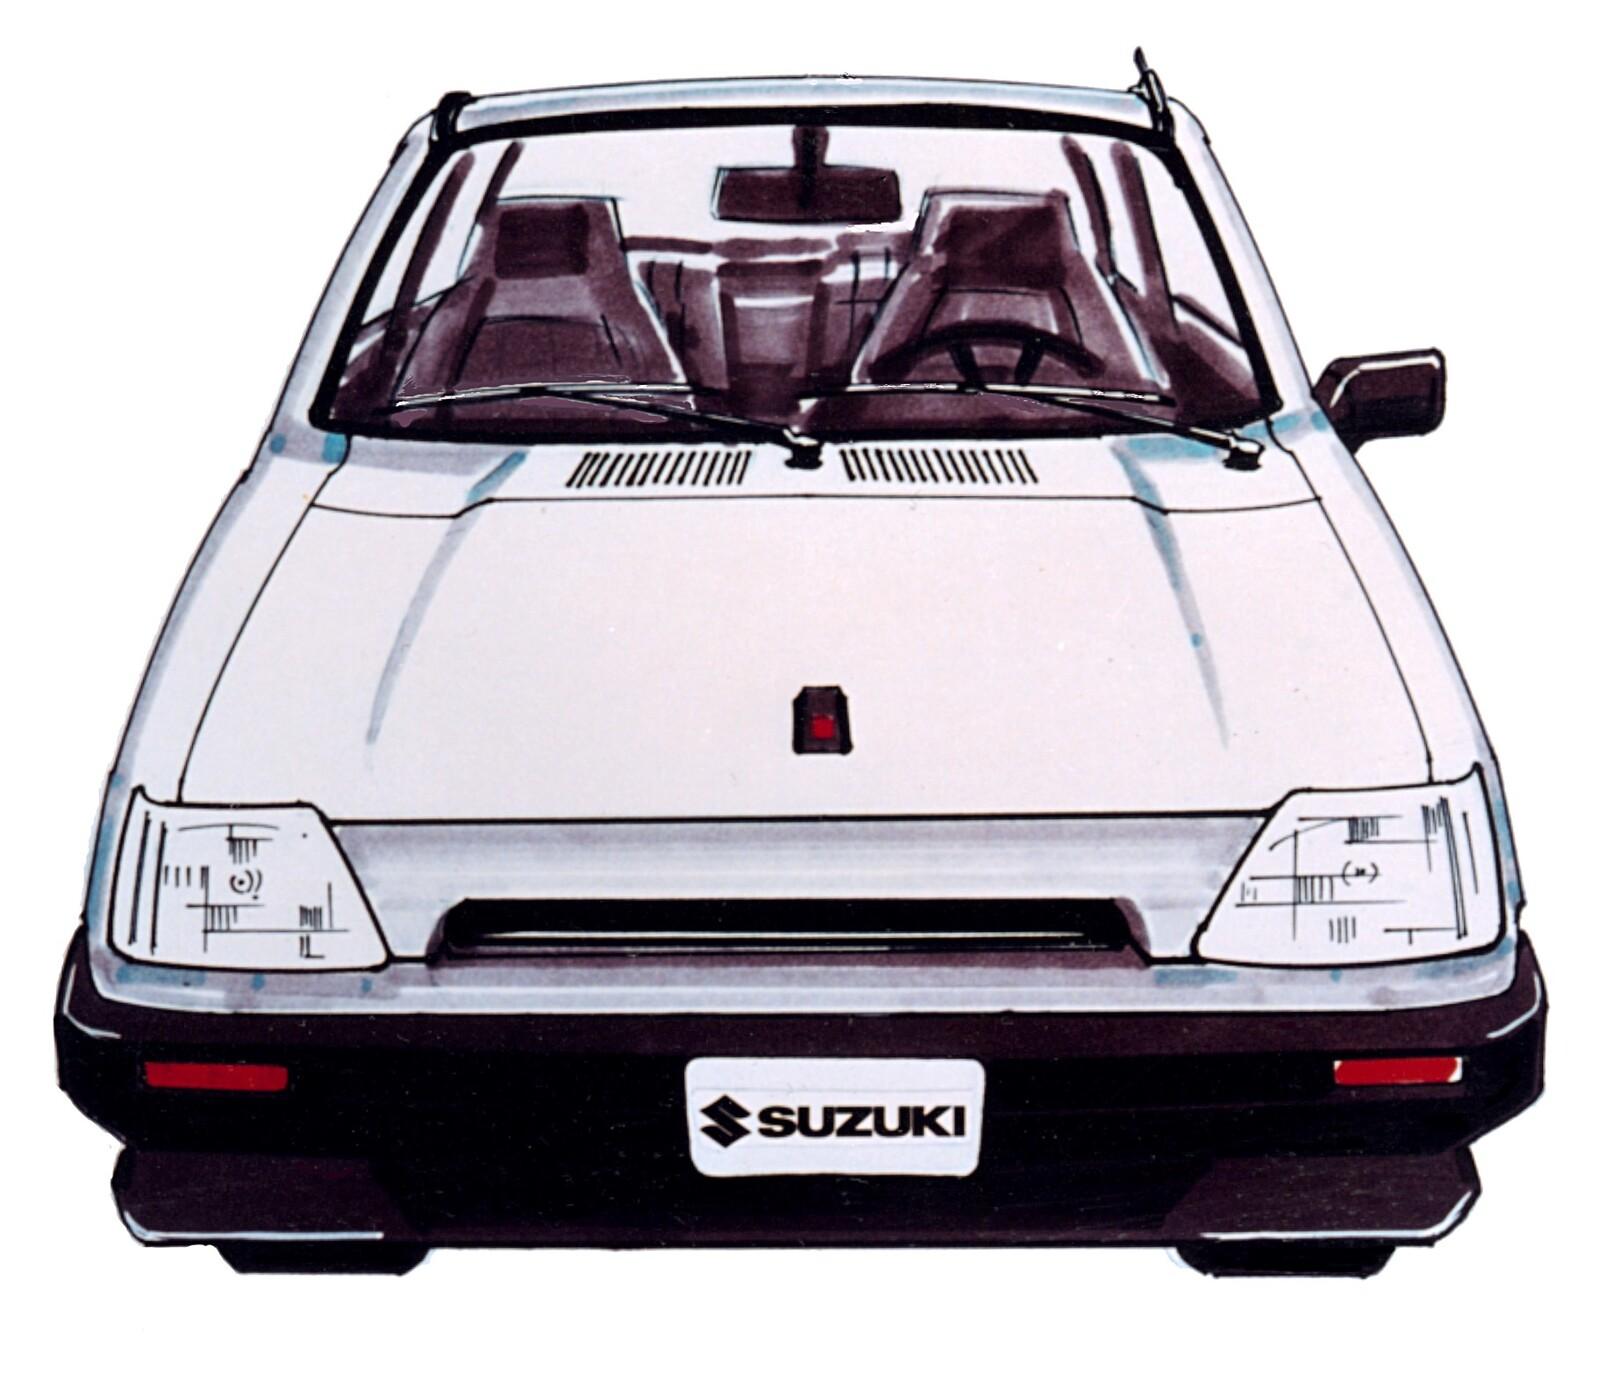 Suzuki concept art